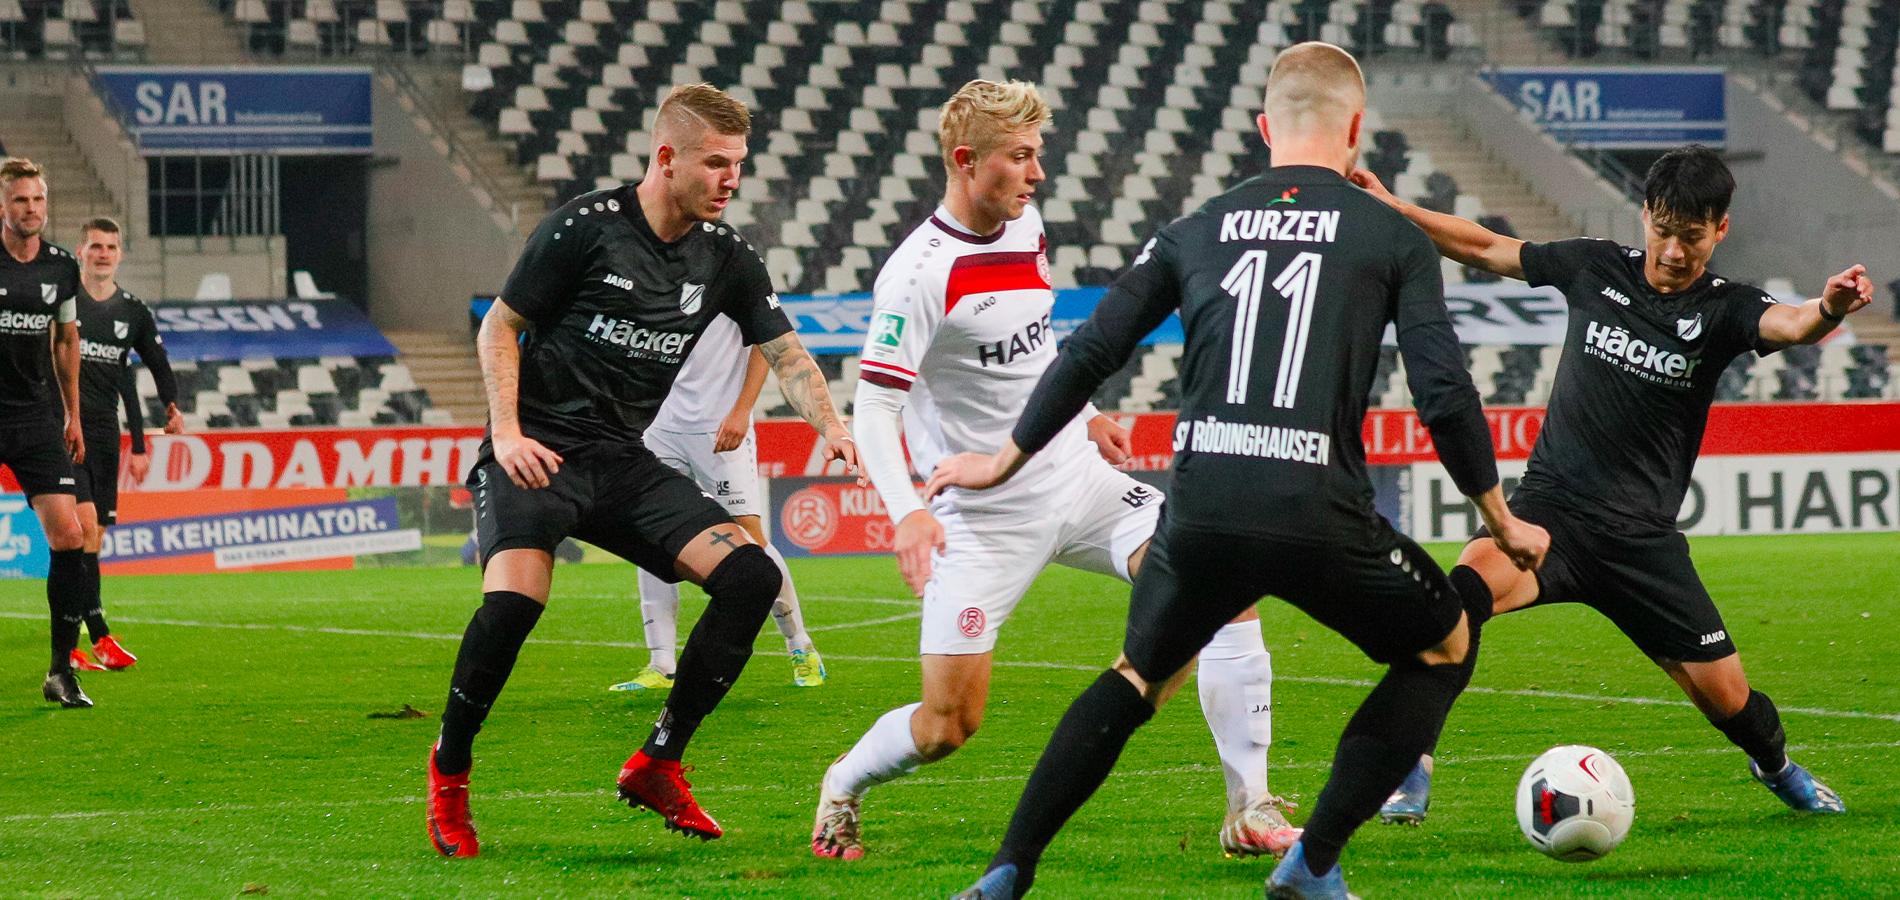 Für Cedric Harenbrock (Foto) und RWE geht es gegen den SV Rödinghausen schon eine Stunde früher los als ursprünglich angesetzt. (Foto: Endberg)